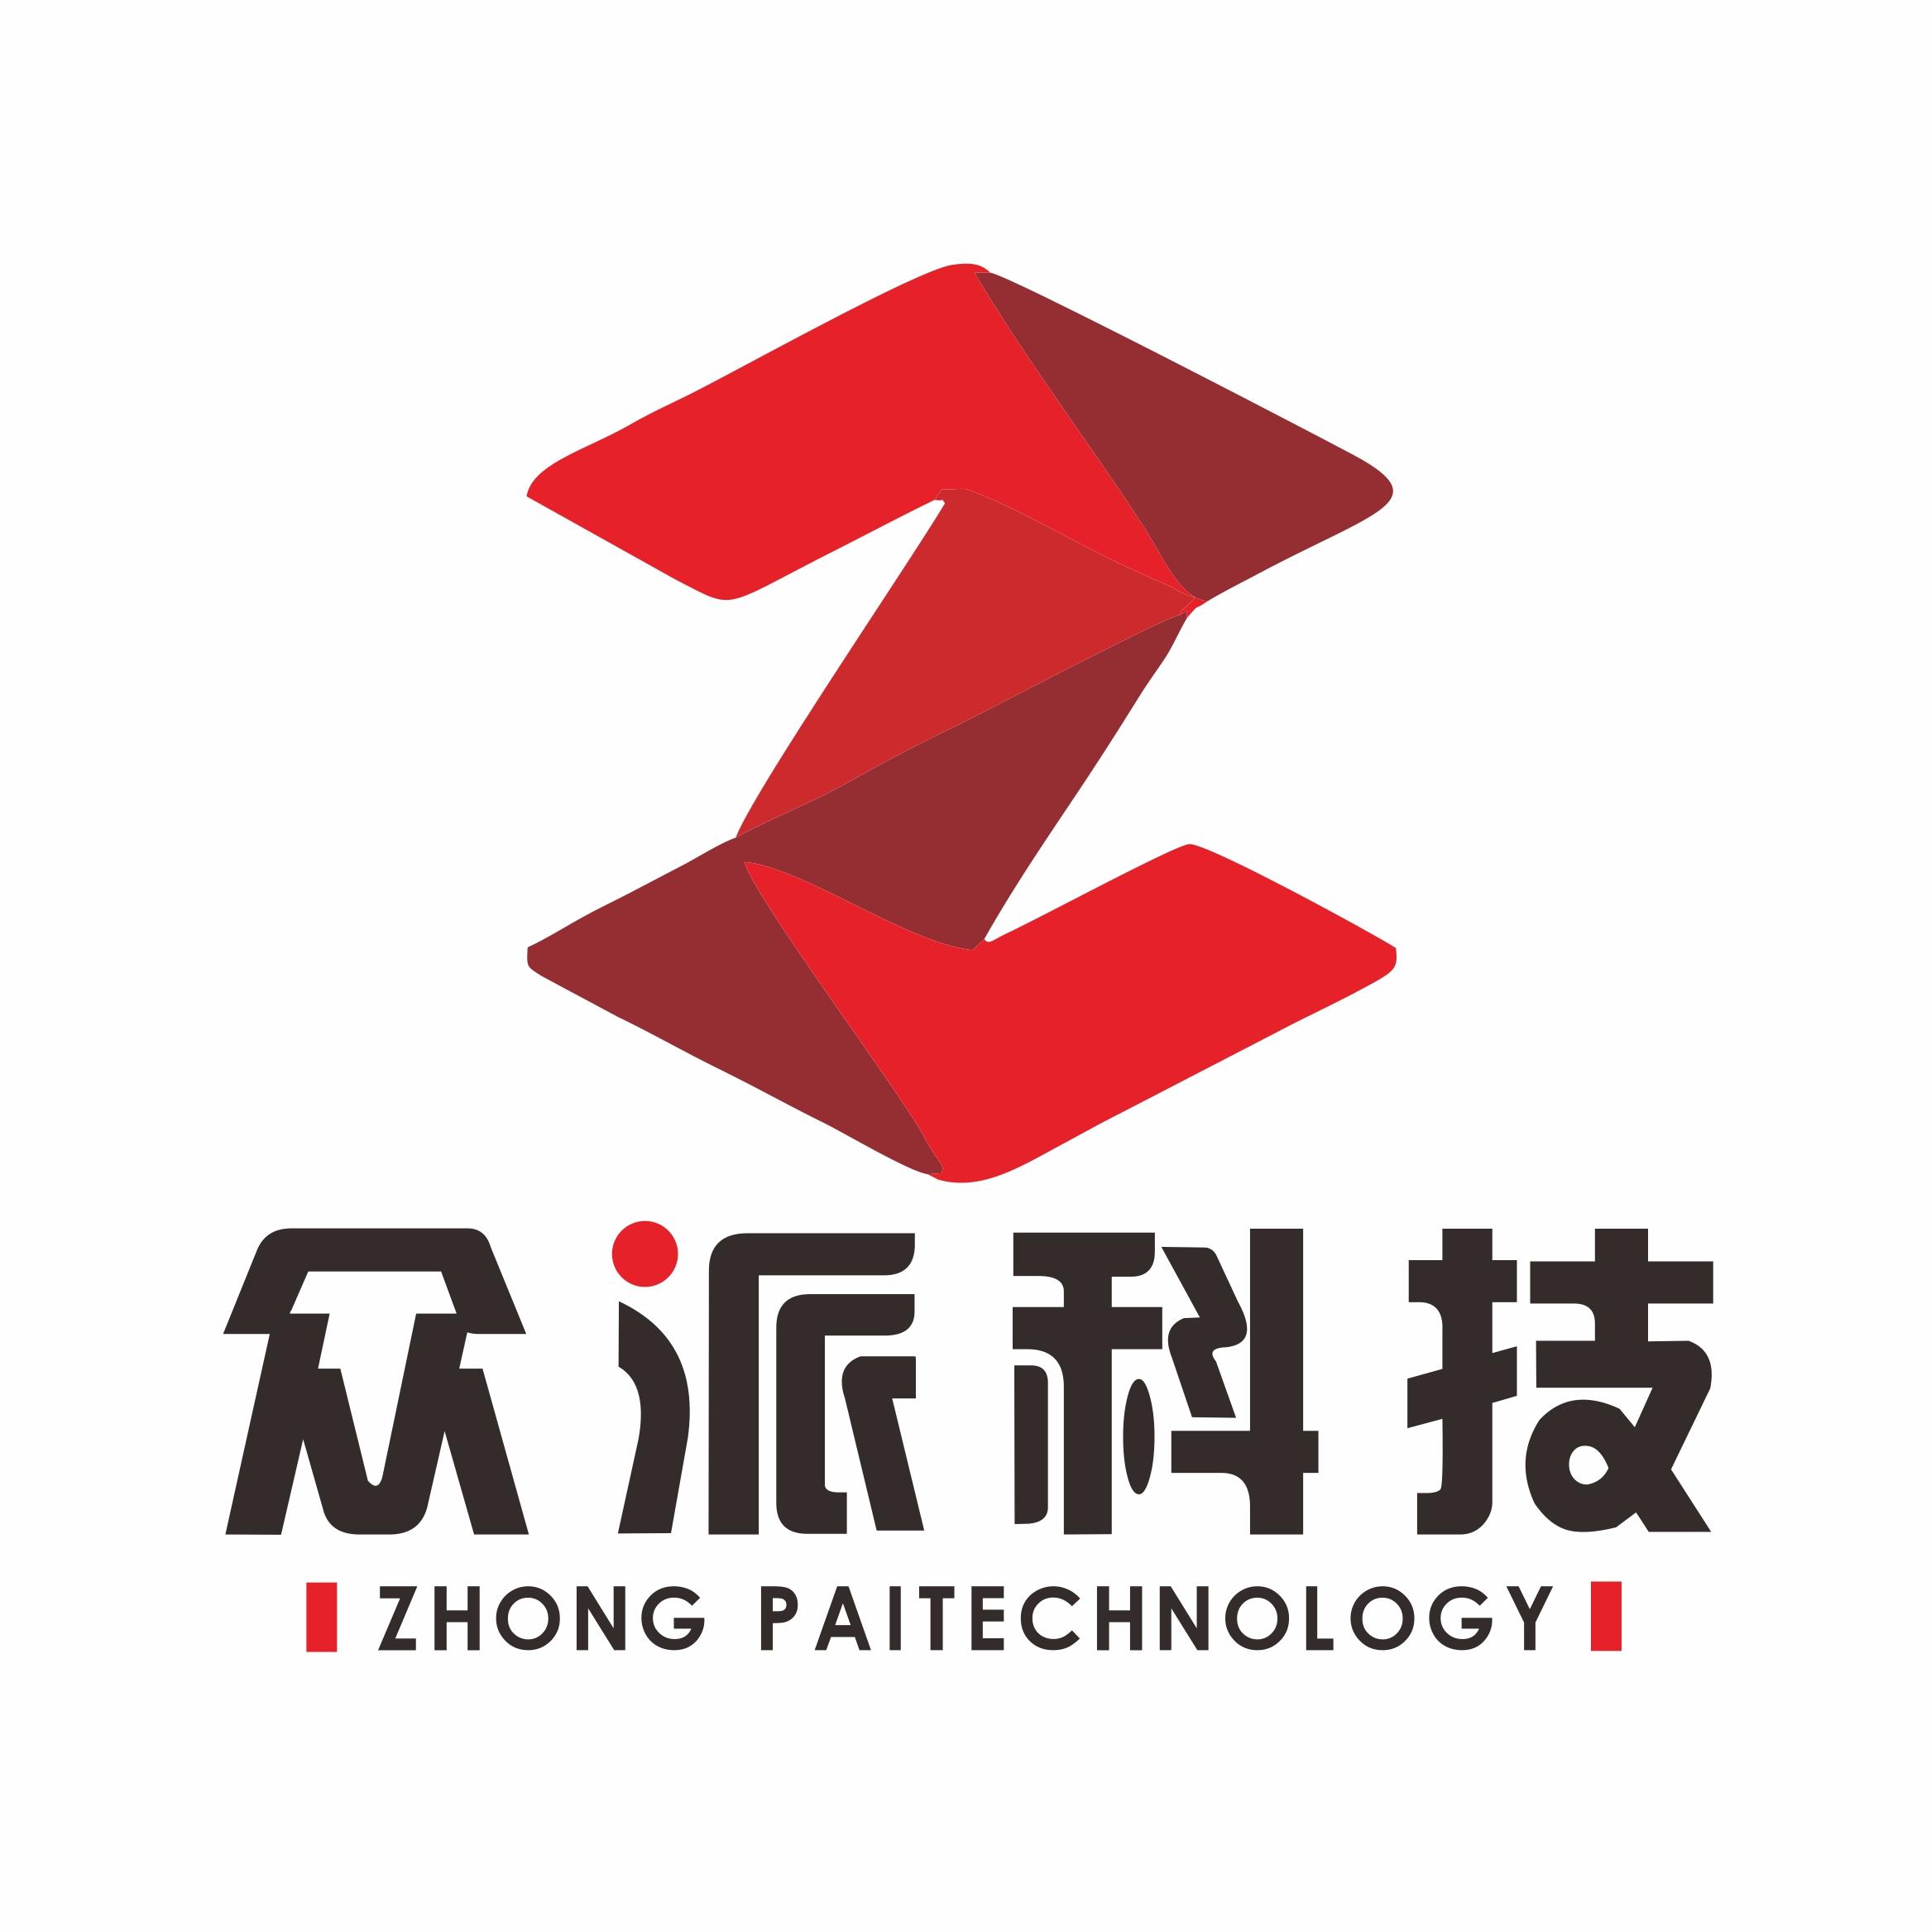 供应热门项目招商加盟合作推荐/河南创业热门项目商机技术提供免费加盟投资热门项目